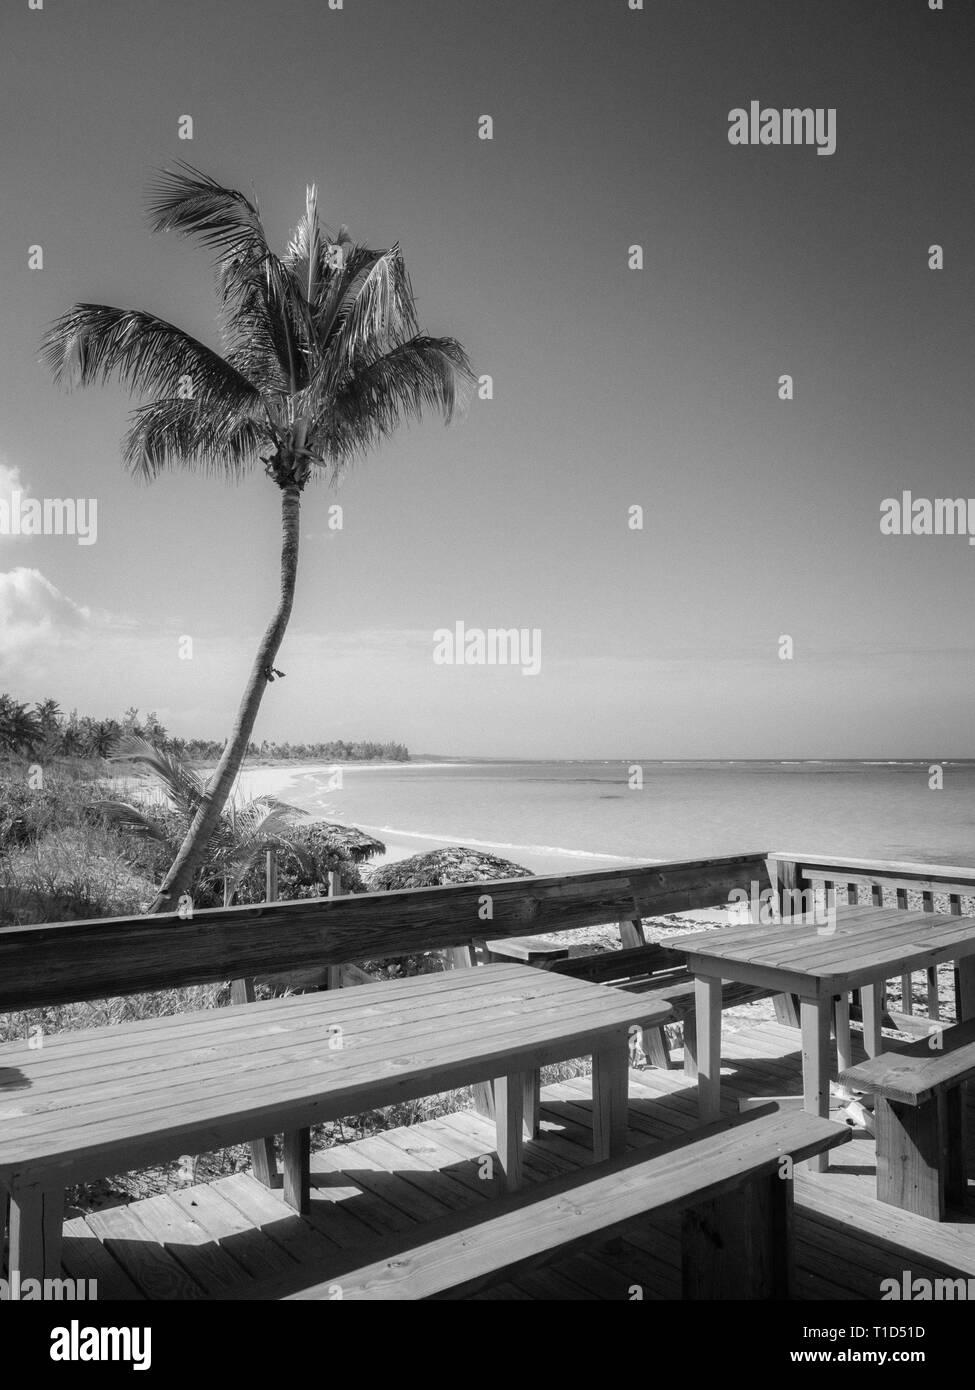 Paysage noir et blanc de littoral, la Tippy et Beachside Bar, North Palmetto Point, Eleuthera, aux Bahamas. Banque D'Images